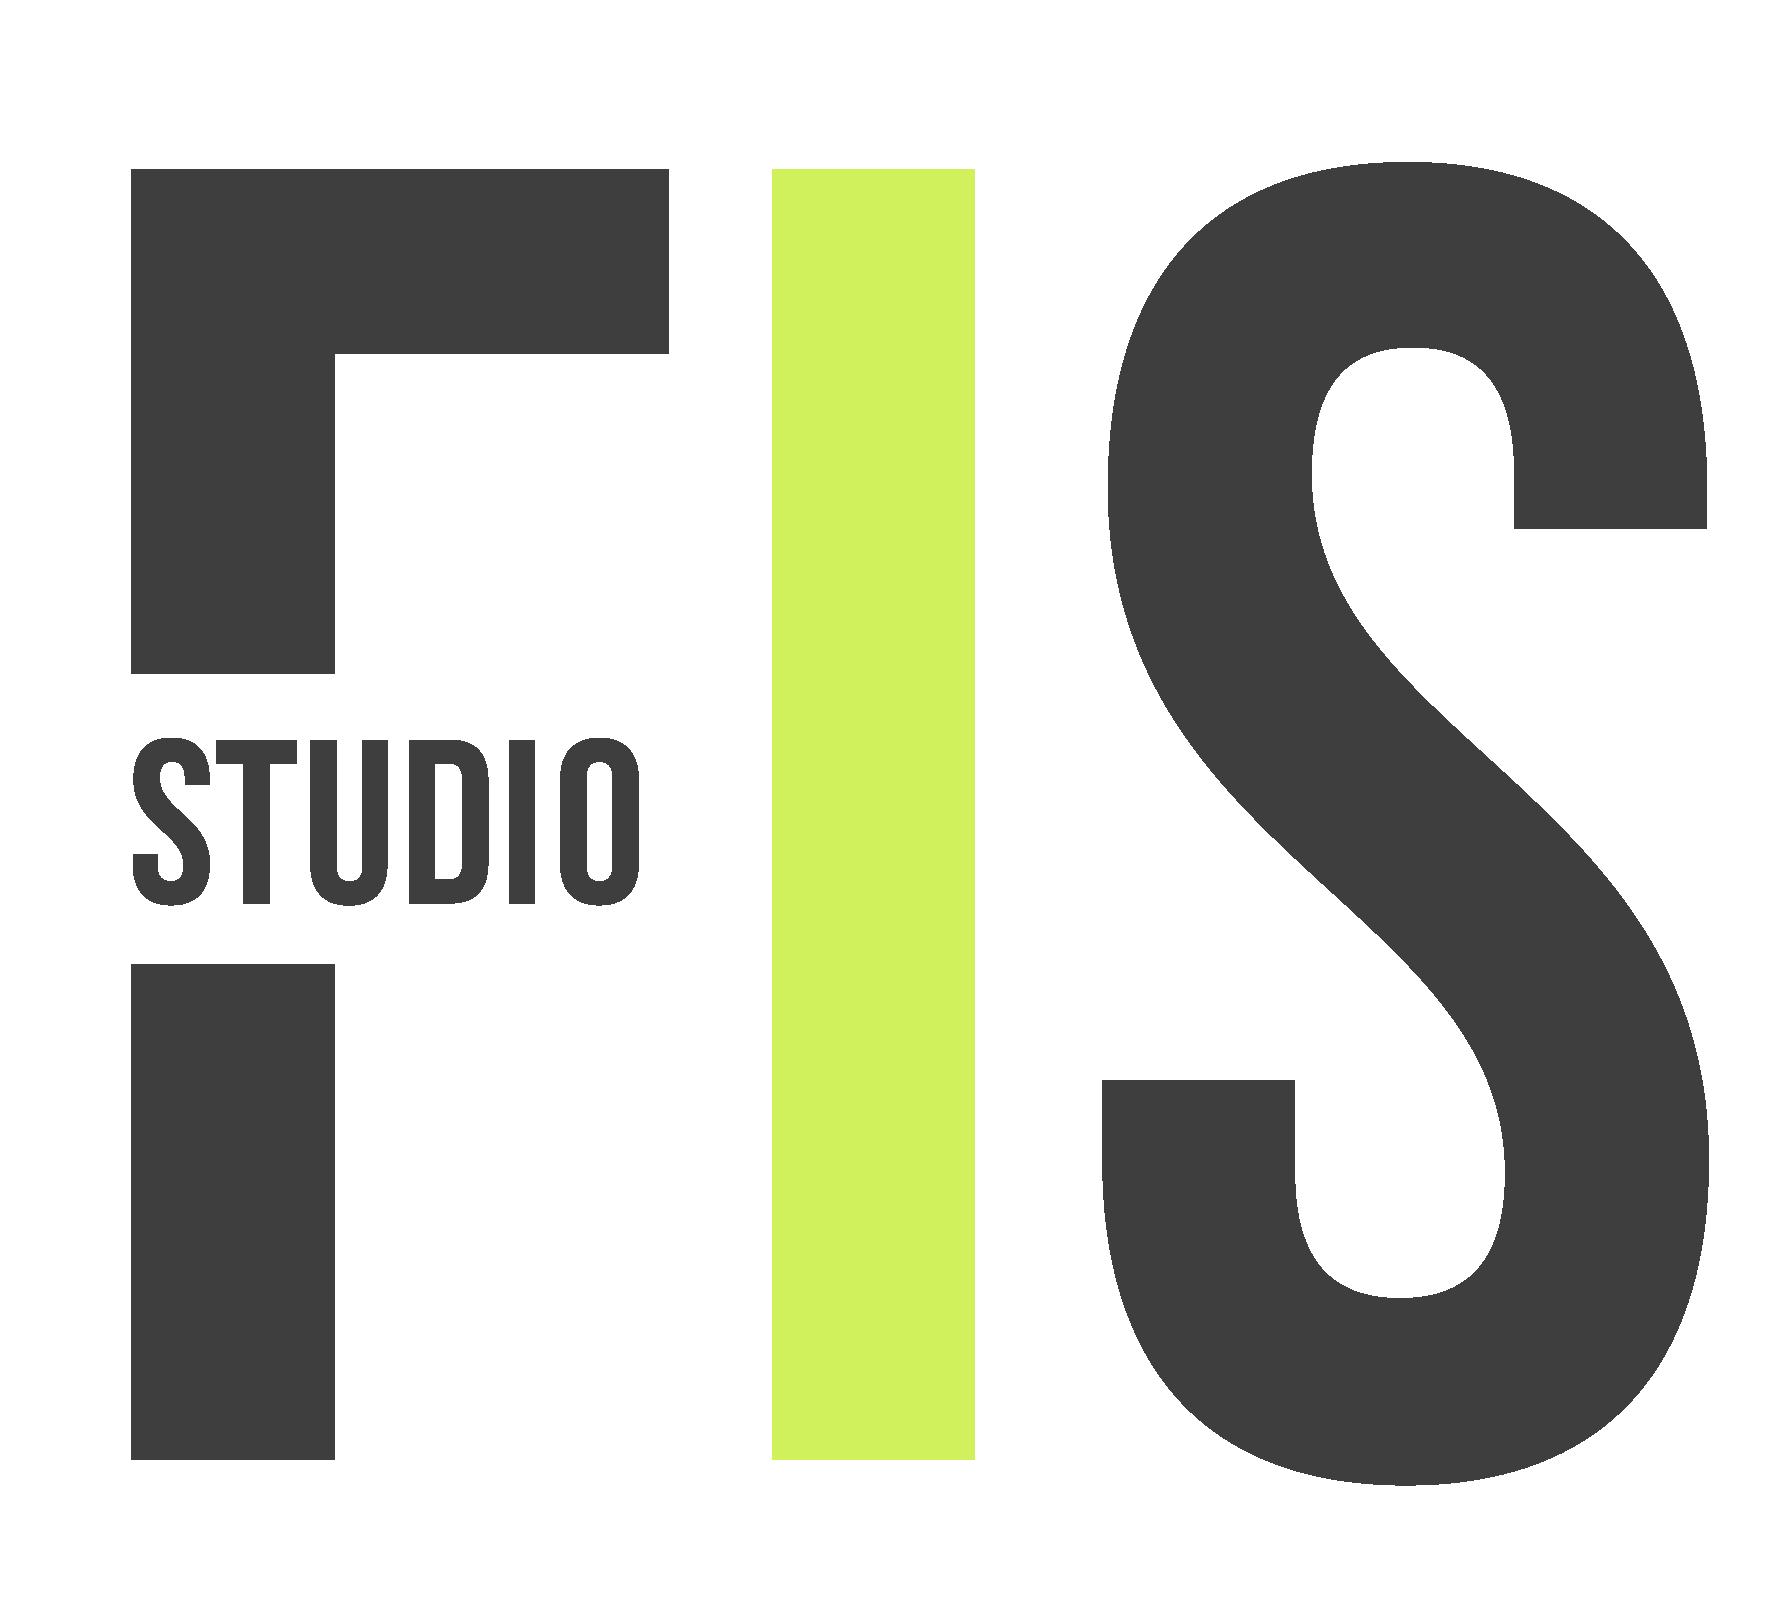 FIS studio